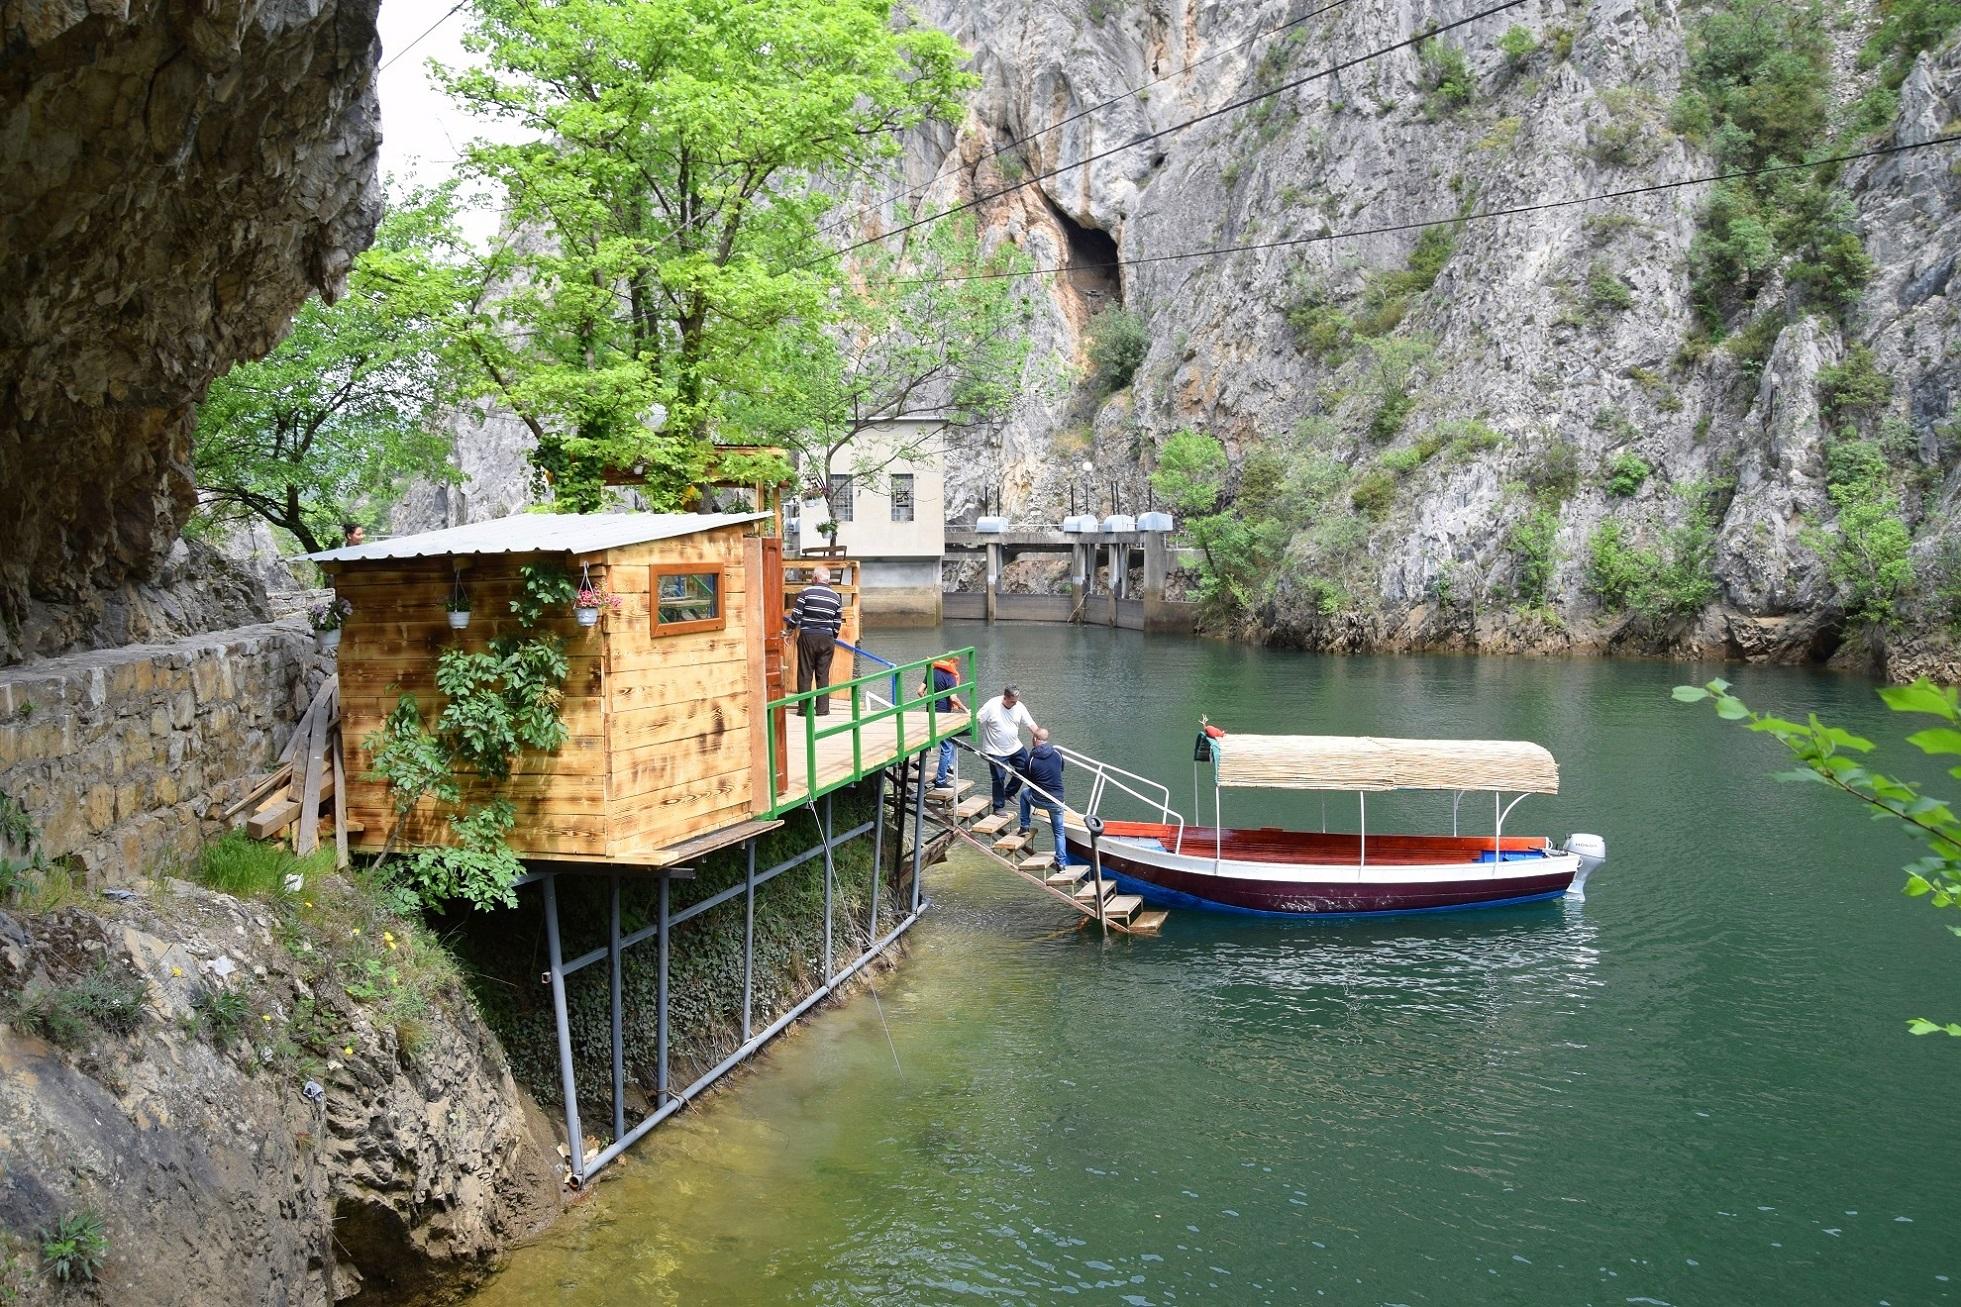 Skopje Matka Canyon Entrance boat